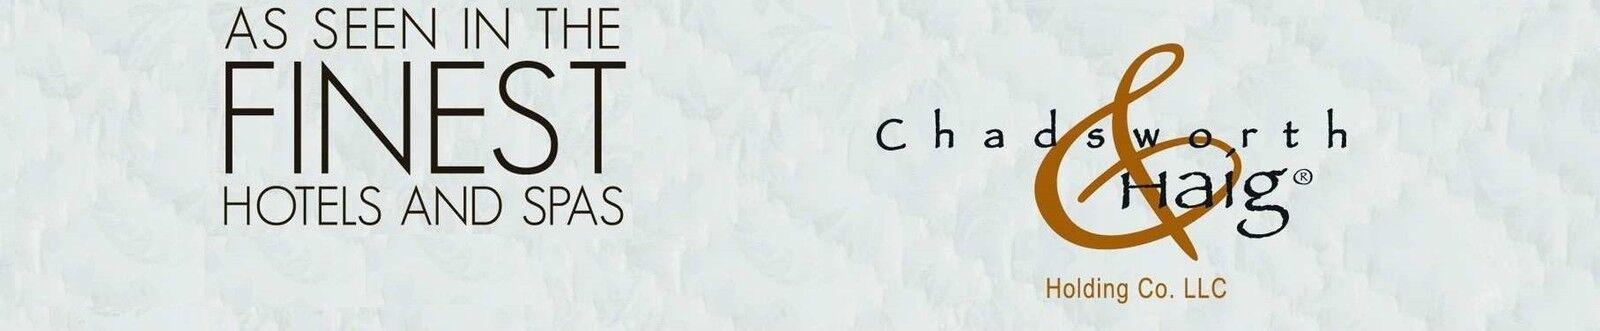 Chadsworth & Haig